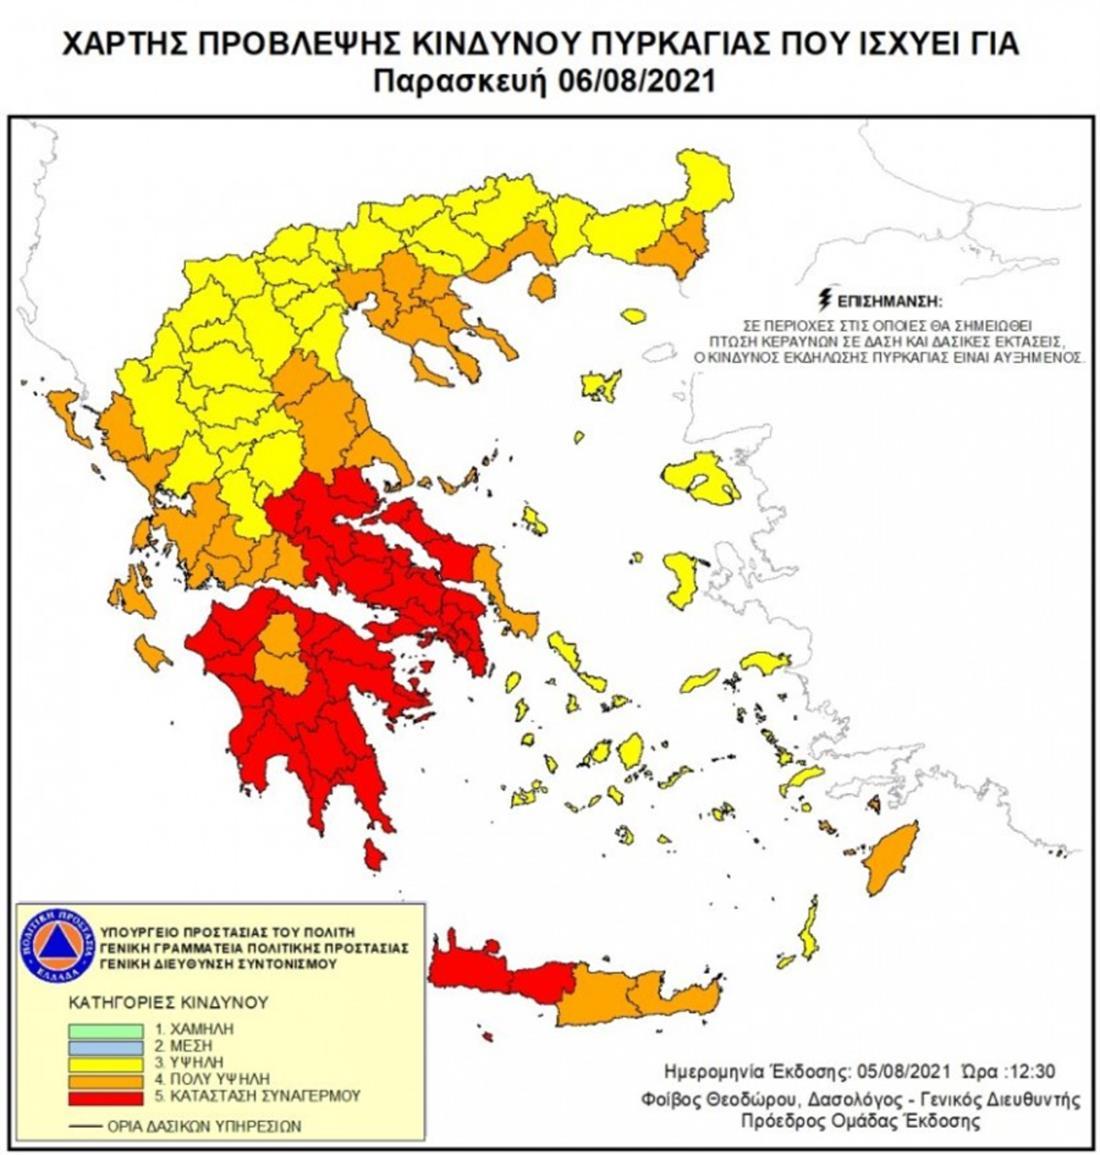 ΧΑΡΤΗΣ ΠΡΟΒΛΕΨΗΣ ΚΙΝΔΥΝΟΥ ΠΥΡΚΑΓΙΑΣ - 6.8.2021